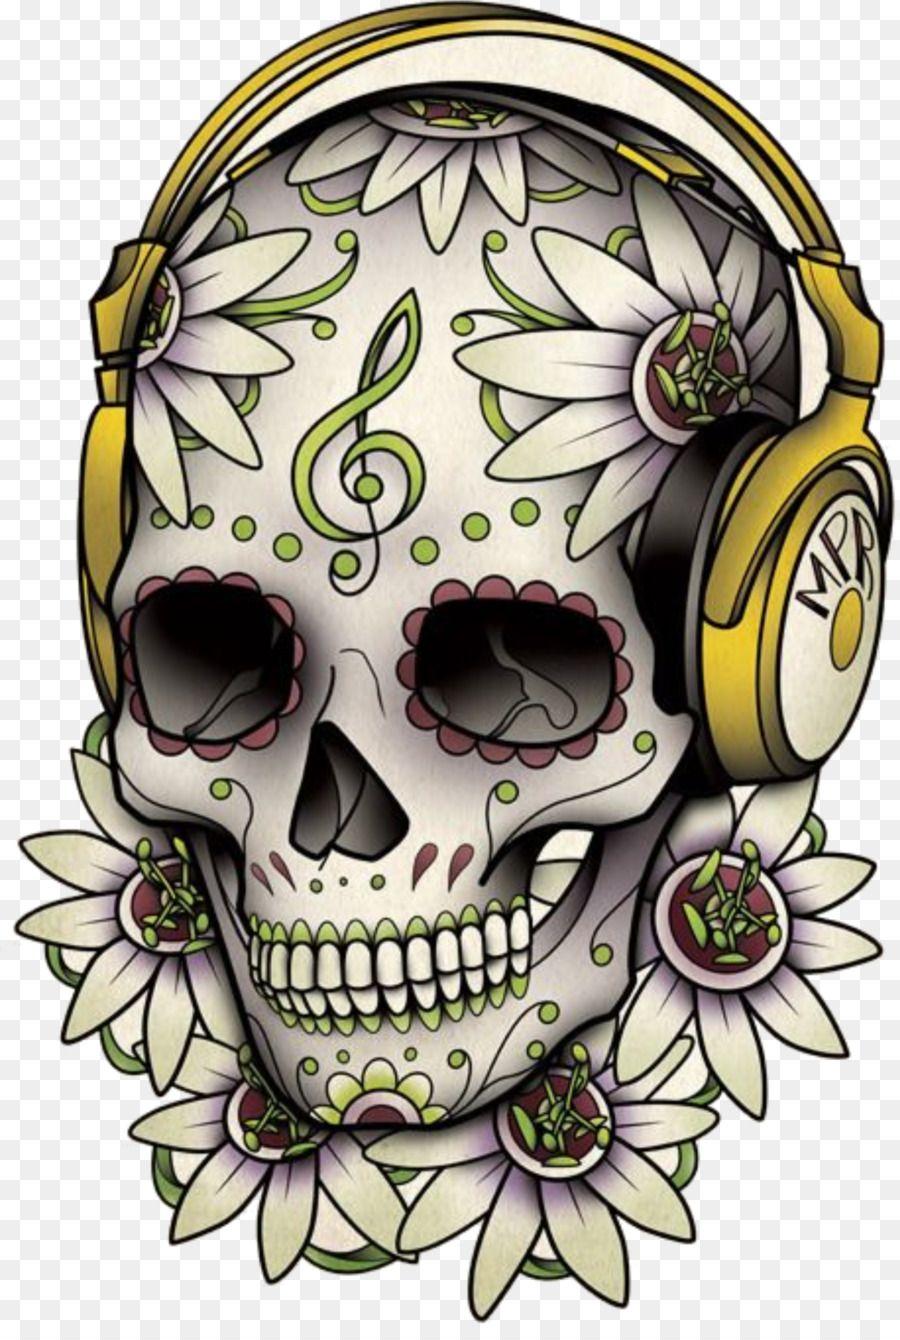 Calavera Tattoo Skull Day of the Dead Drawing - sugar skulls ...